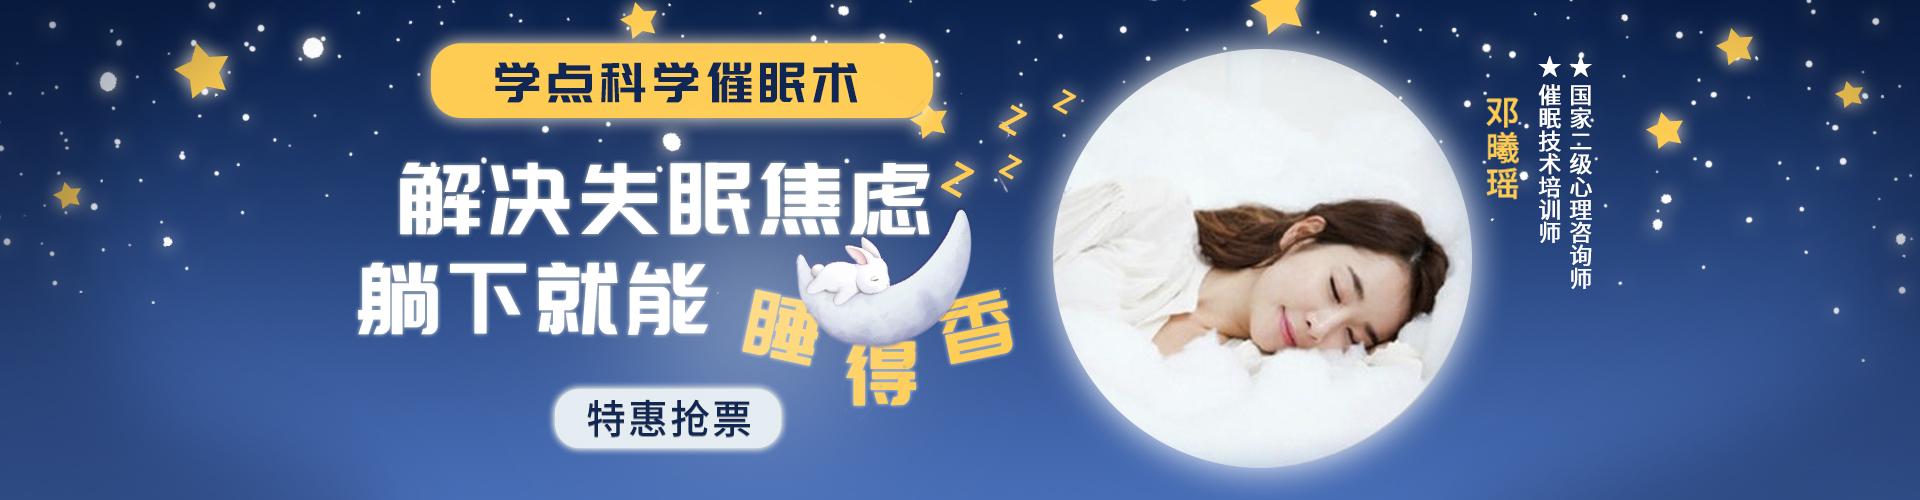 学点科学催眠术:解决失眠焦虑,躺下就能睡得香